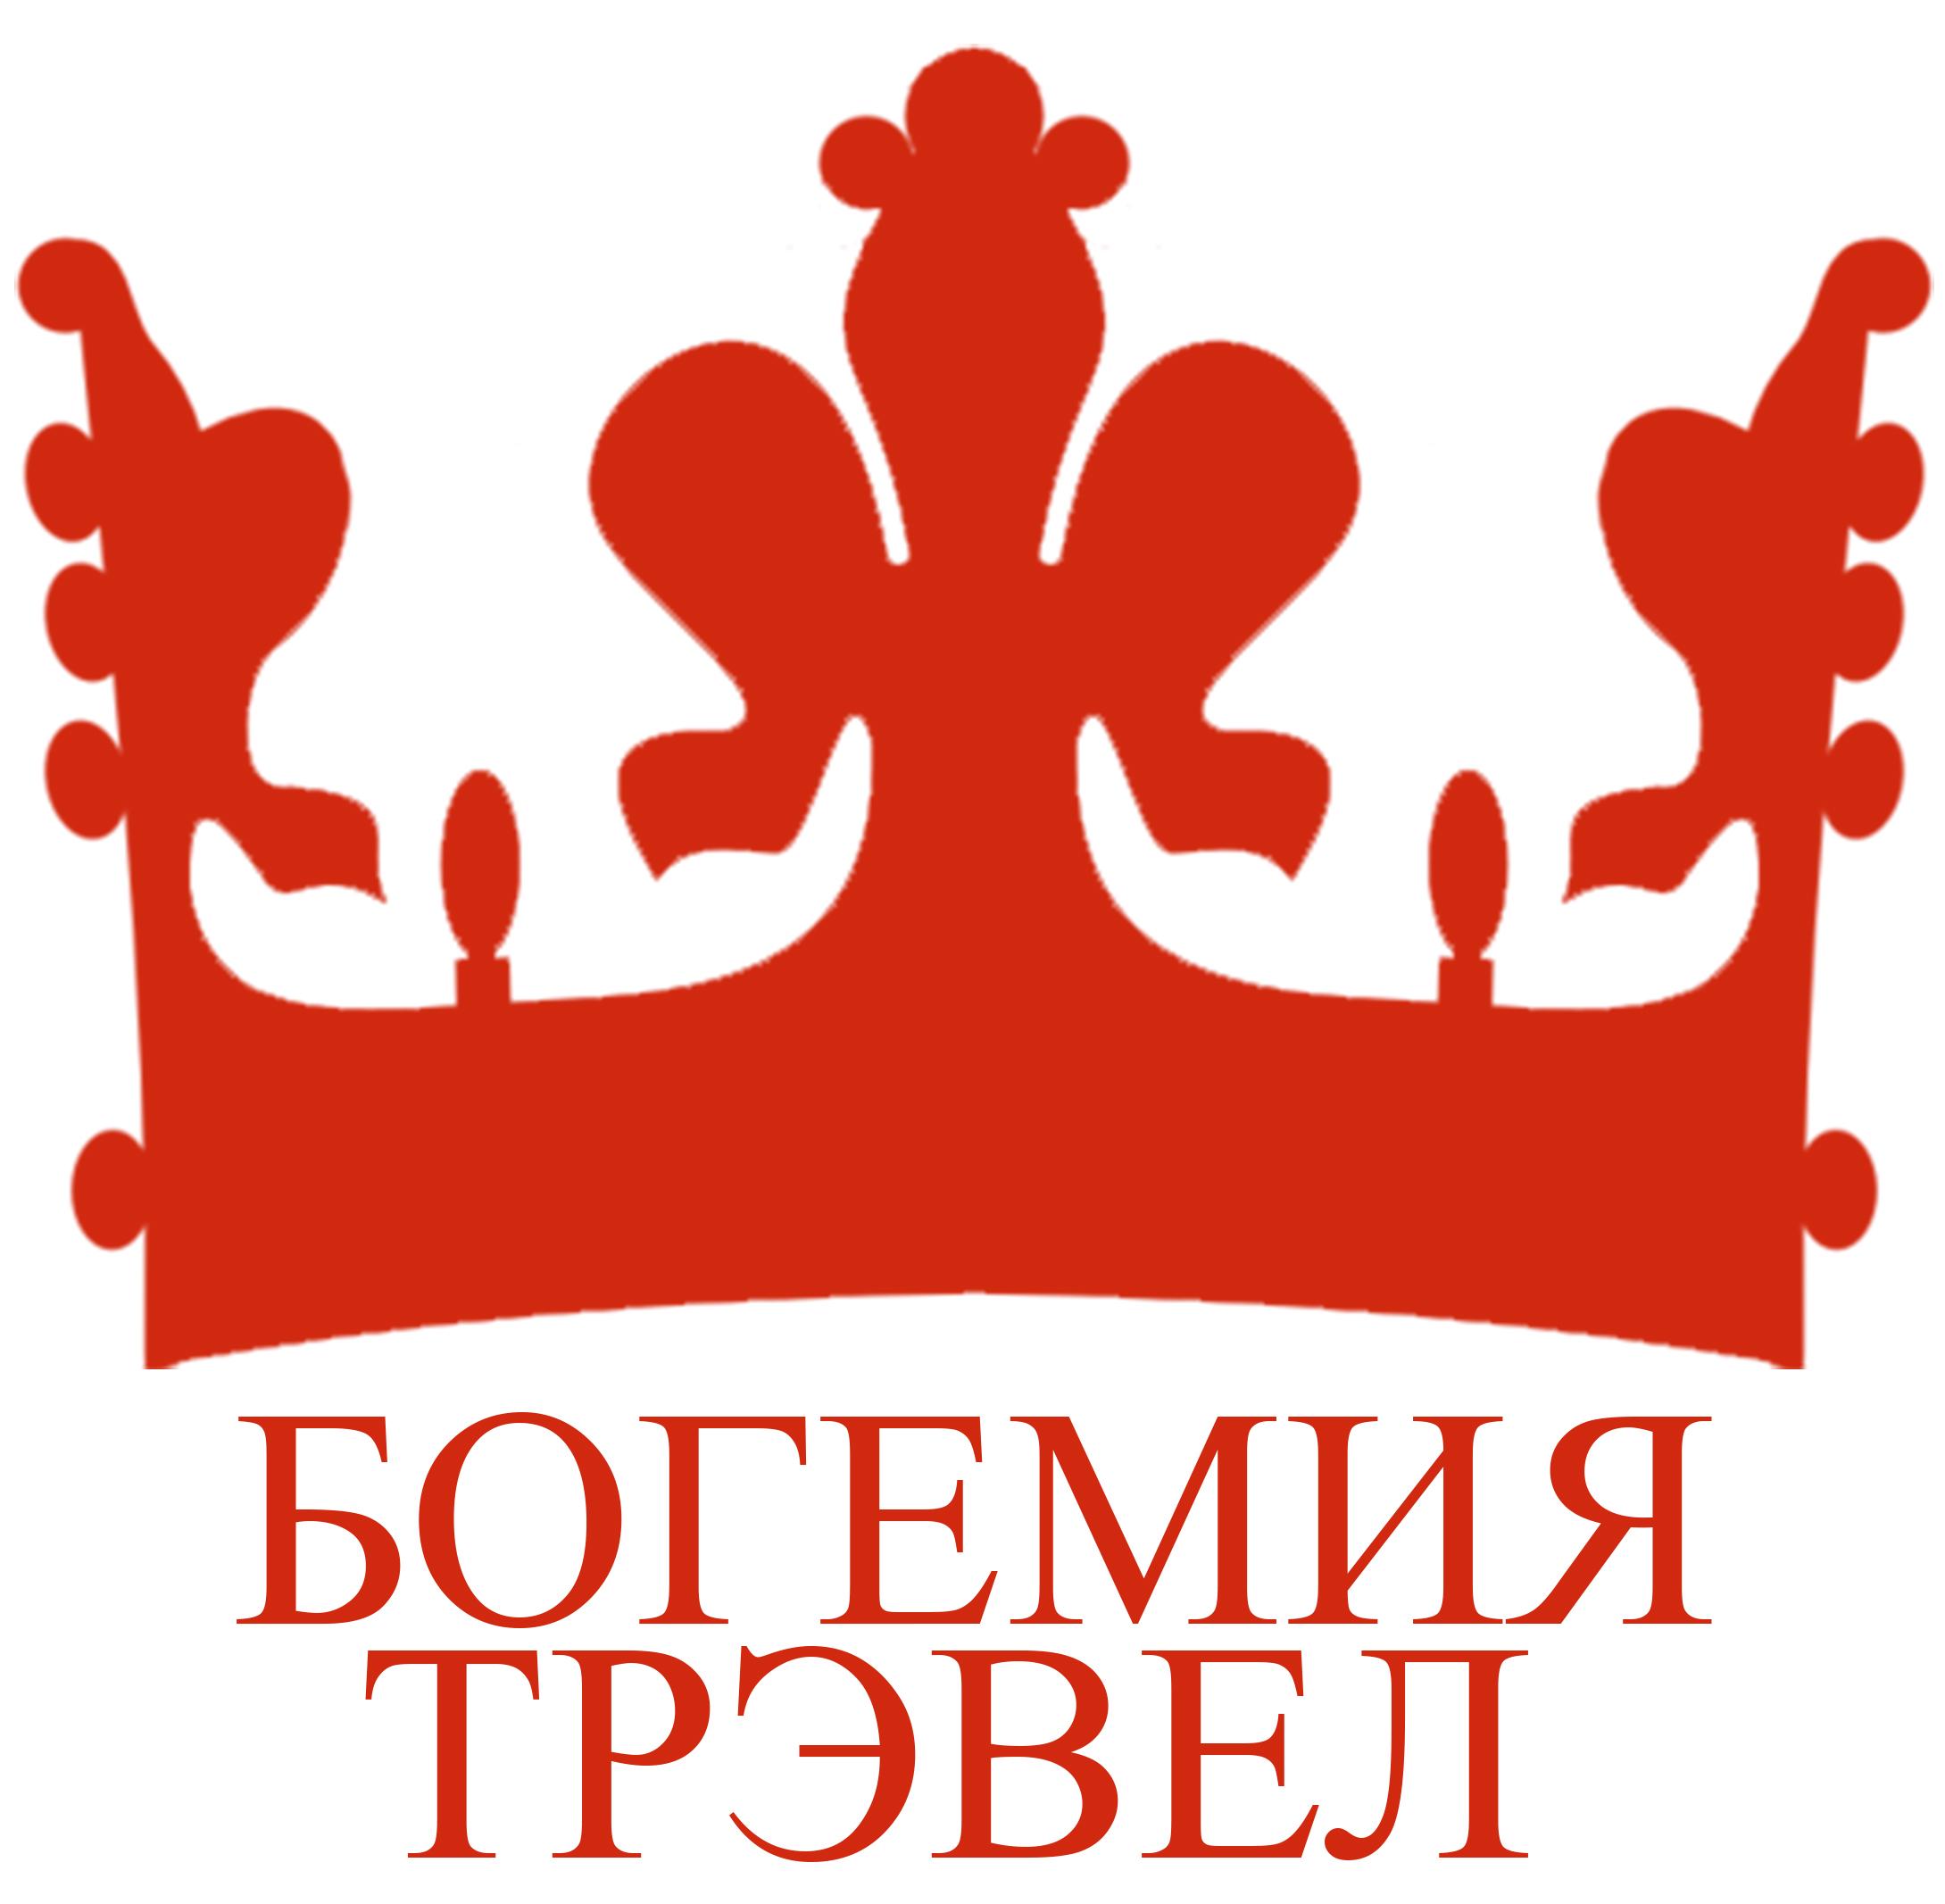 """Экскурсионный тур """"Варшава - Лодзь"""" от 122 руб.*/4 дня"""